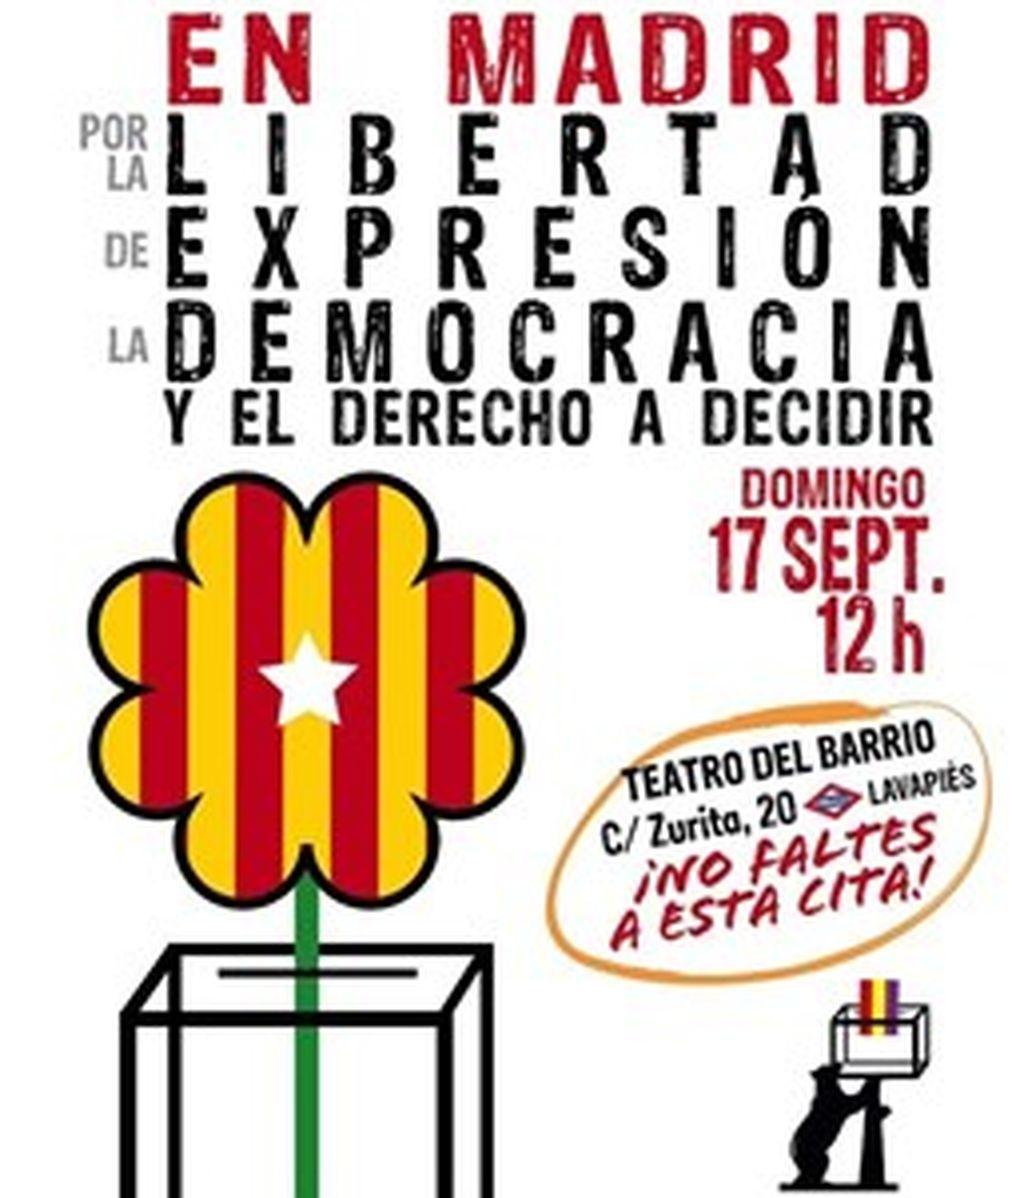 El acto a favor del referéndum catalán se celebrará finalmente en el Teatro del Barrio de Lavapiés